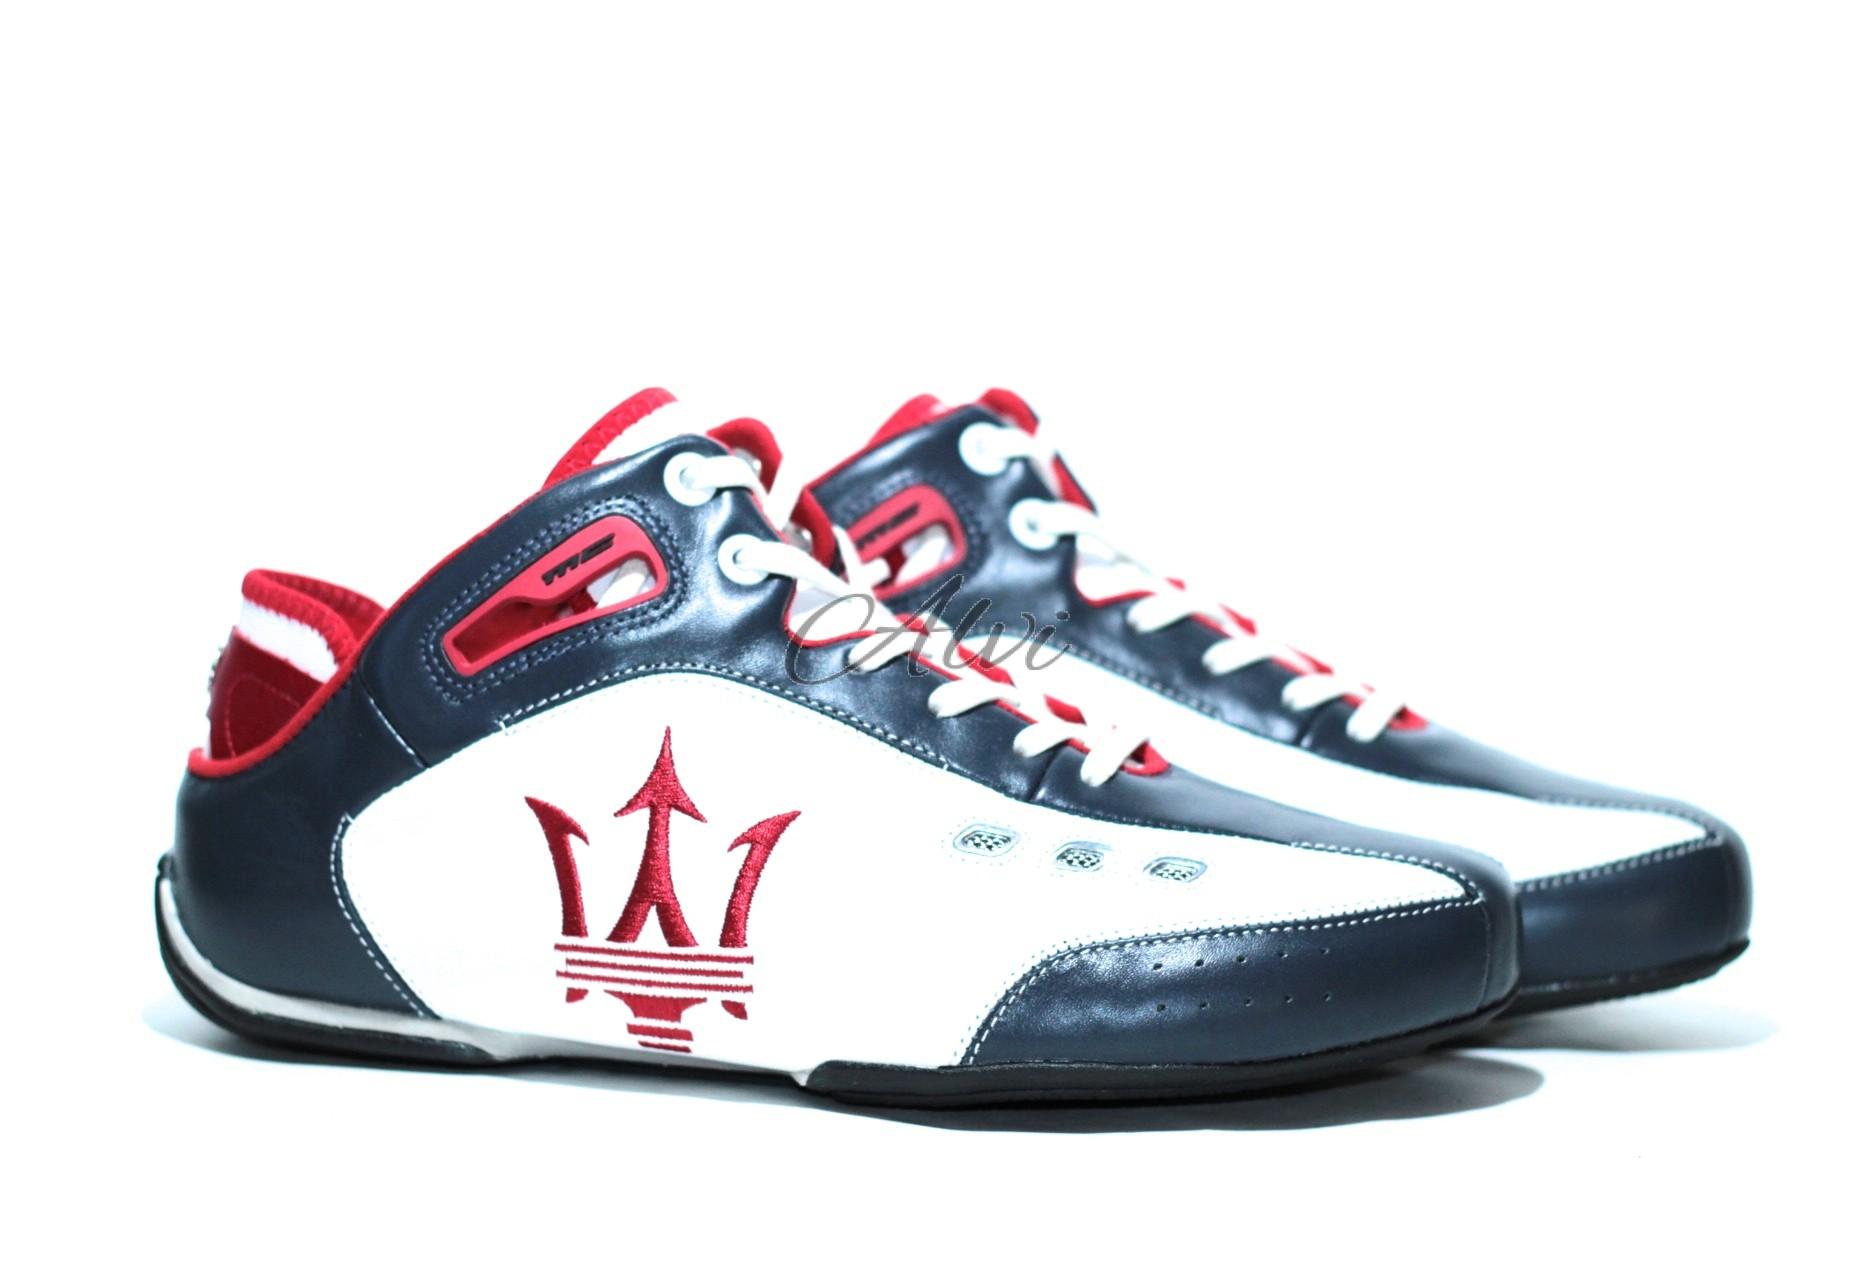 colore n brillante eccezionale gamma di stili e colori vendita online scarpe uomo sportive maserati blu bianco rosso